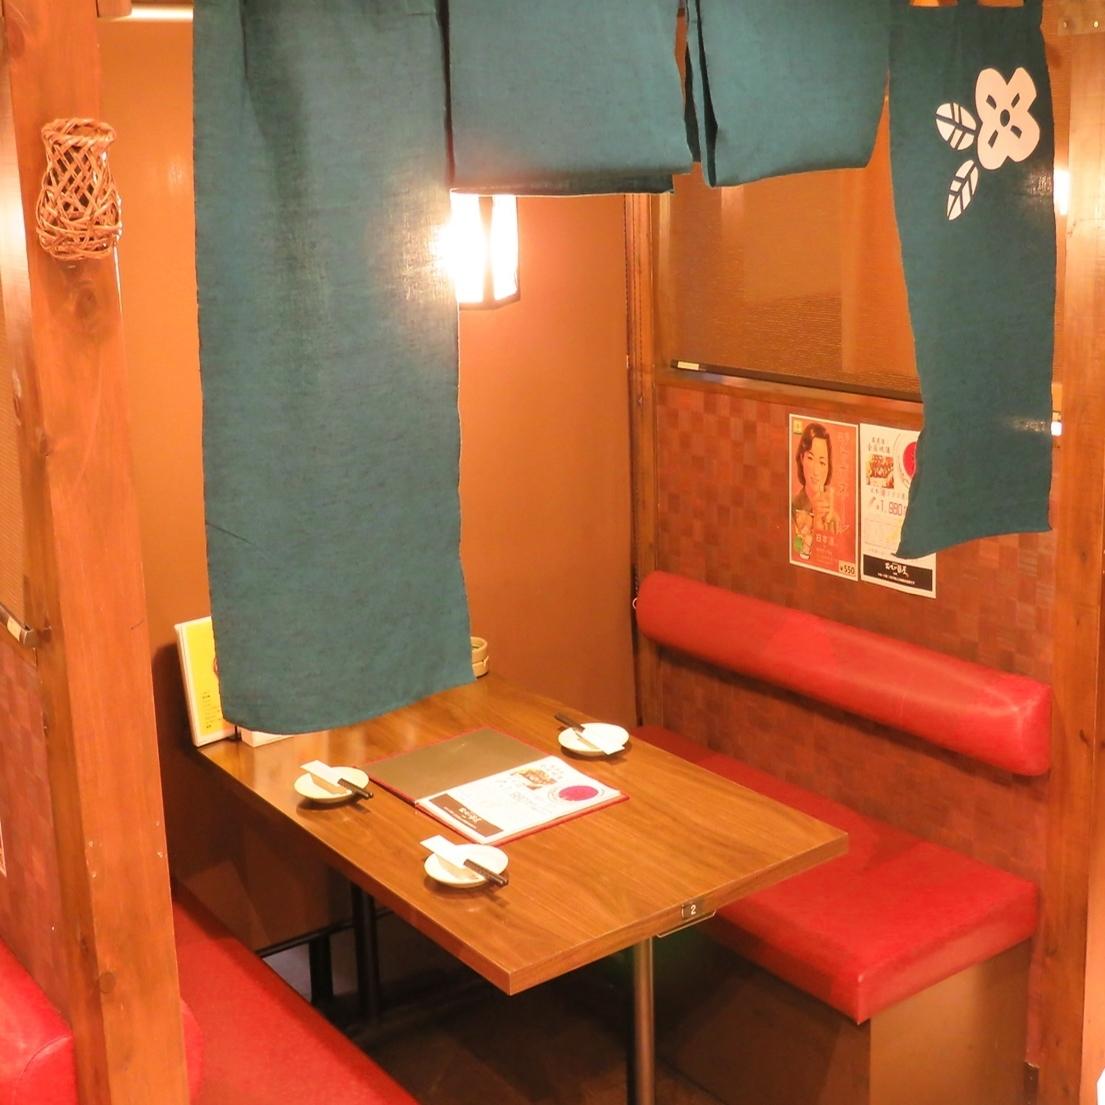 Half single room partitioning with goodwill! Hanasaka or Taya Sanbancho store